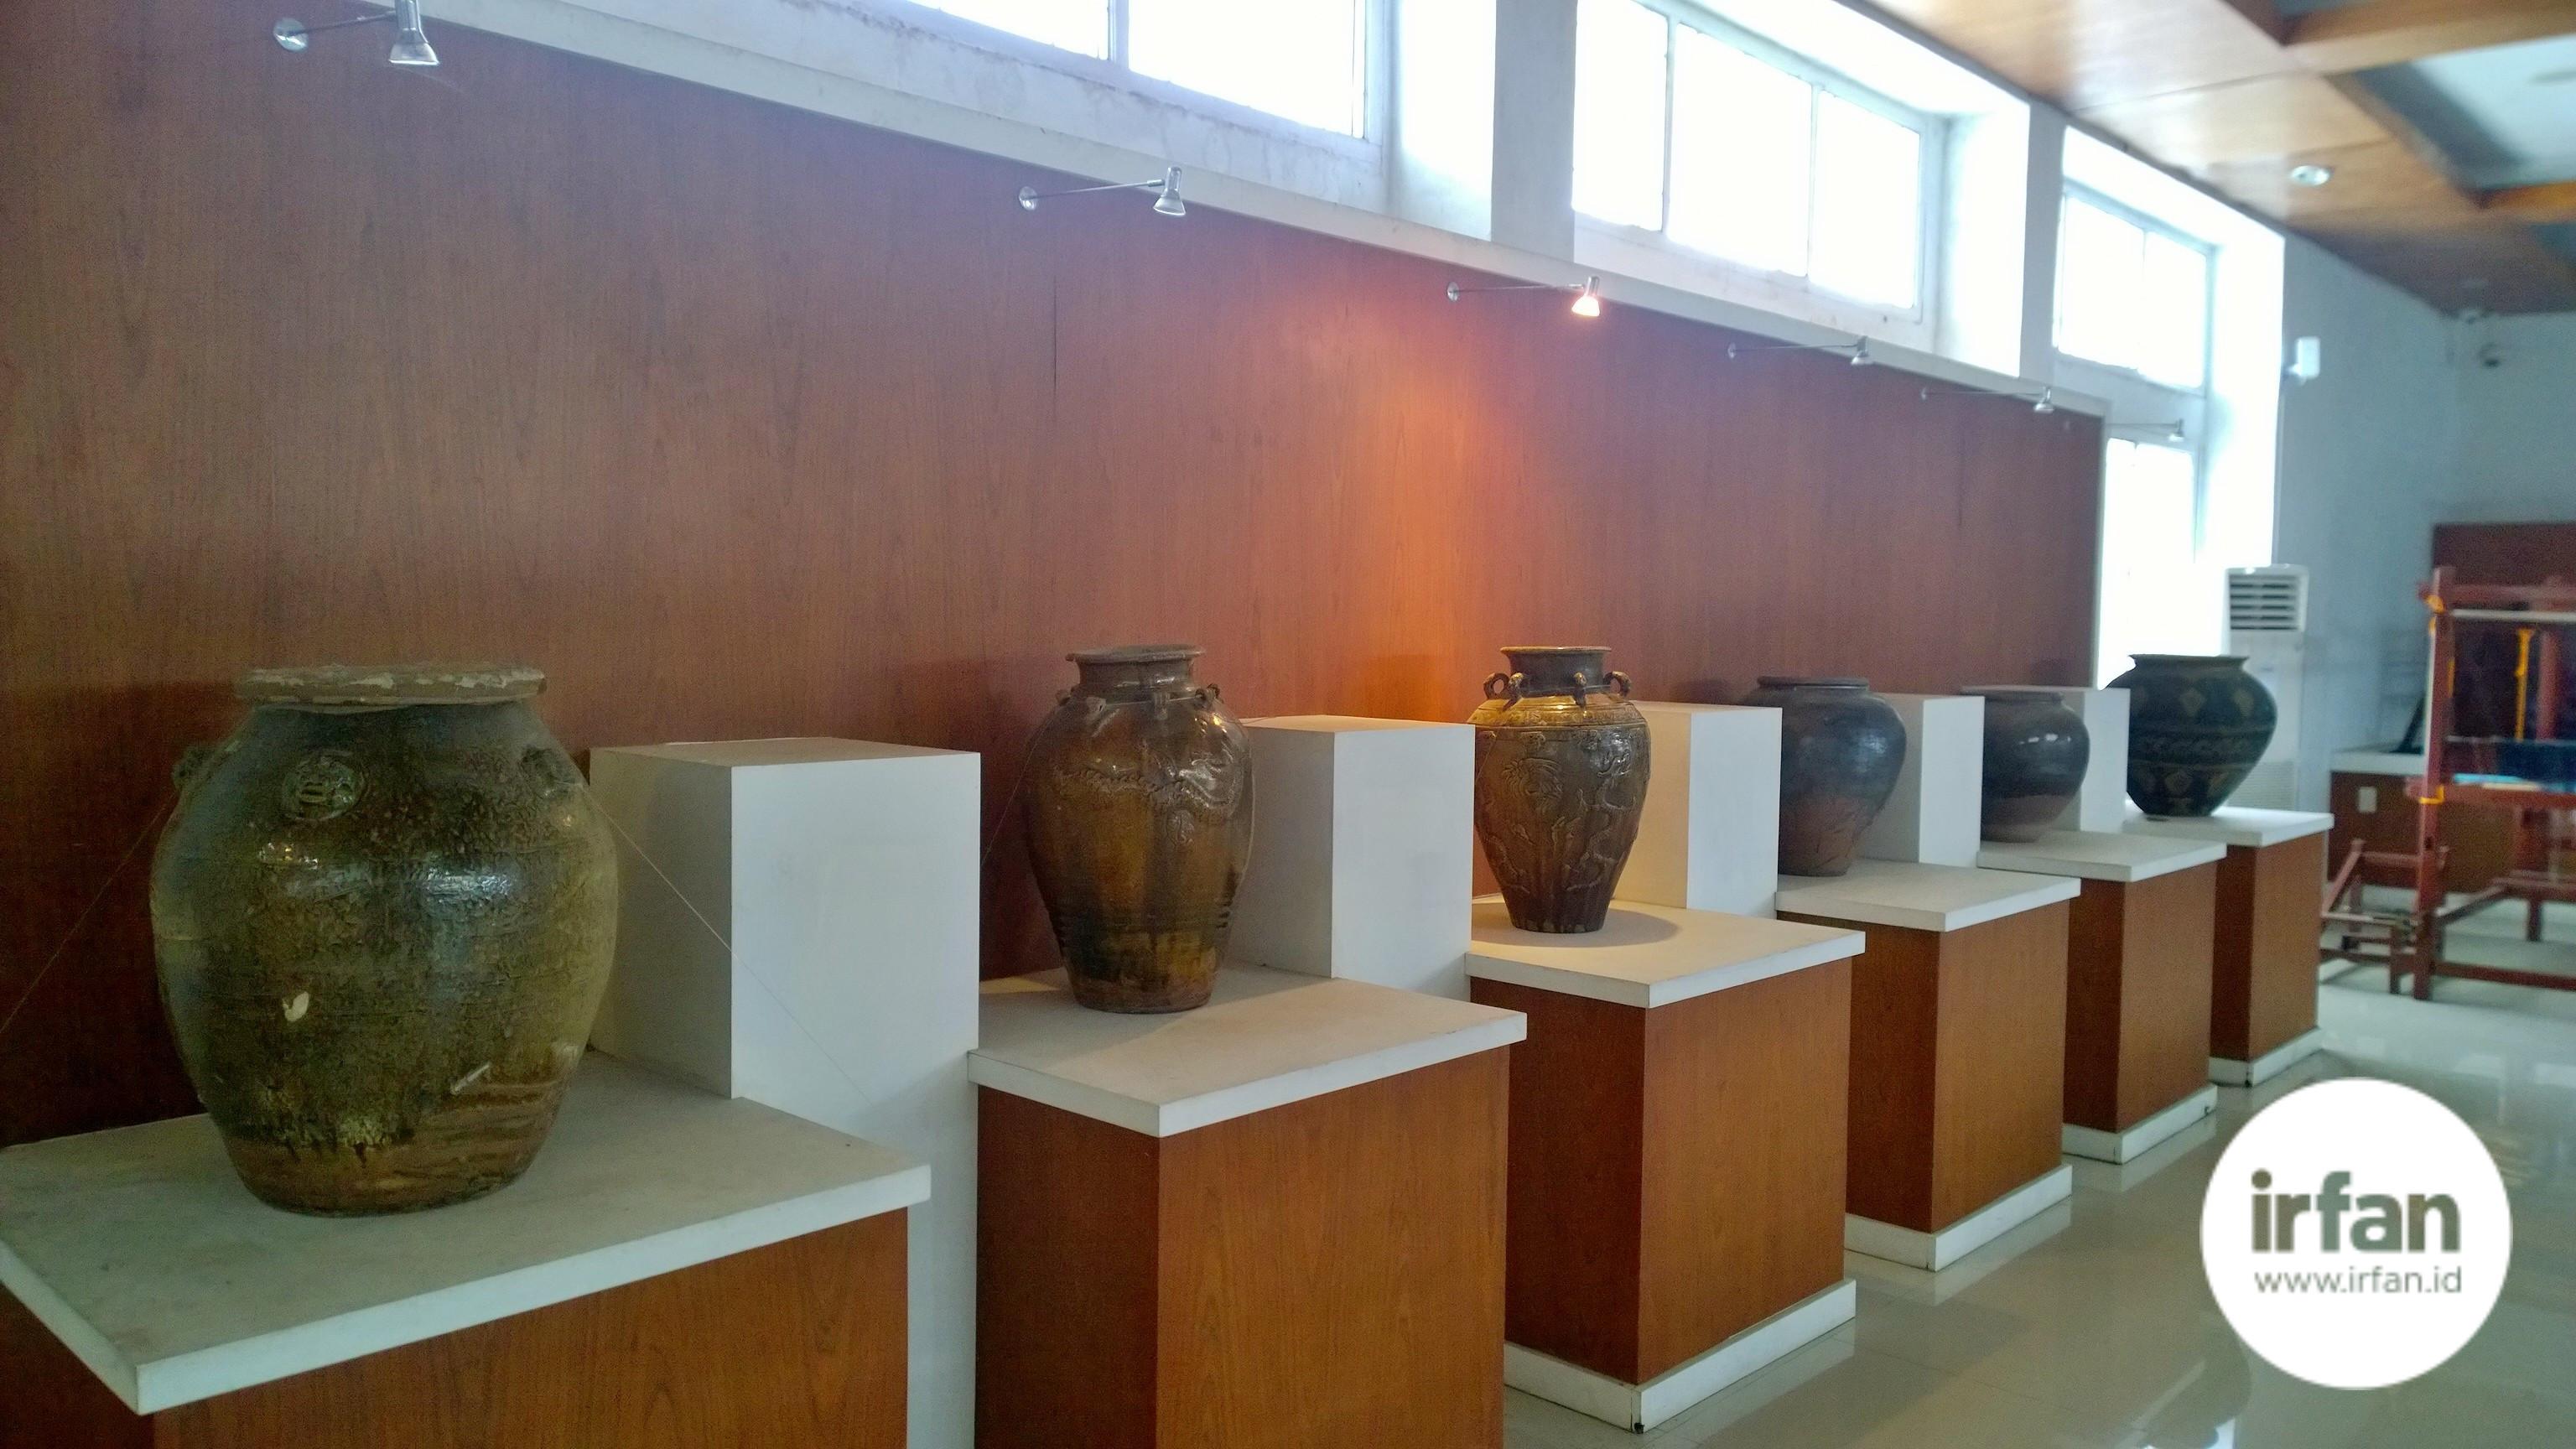 FOTO: Museum Negeri Aceh, Wisata Sejarah Yang Wajib Dikunjungi 26